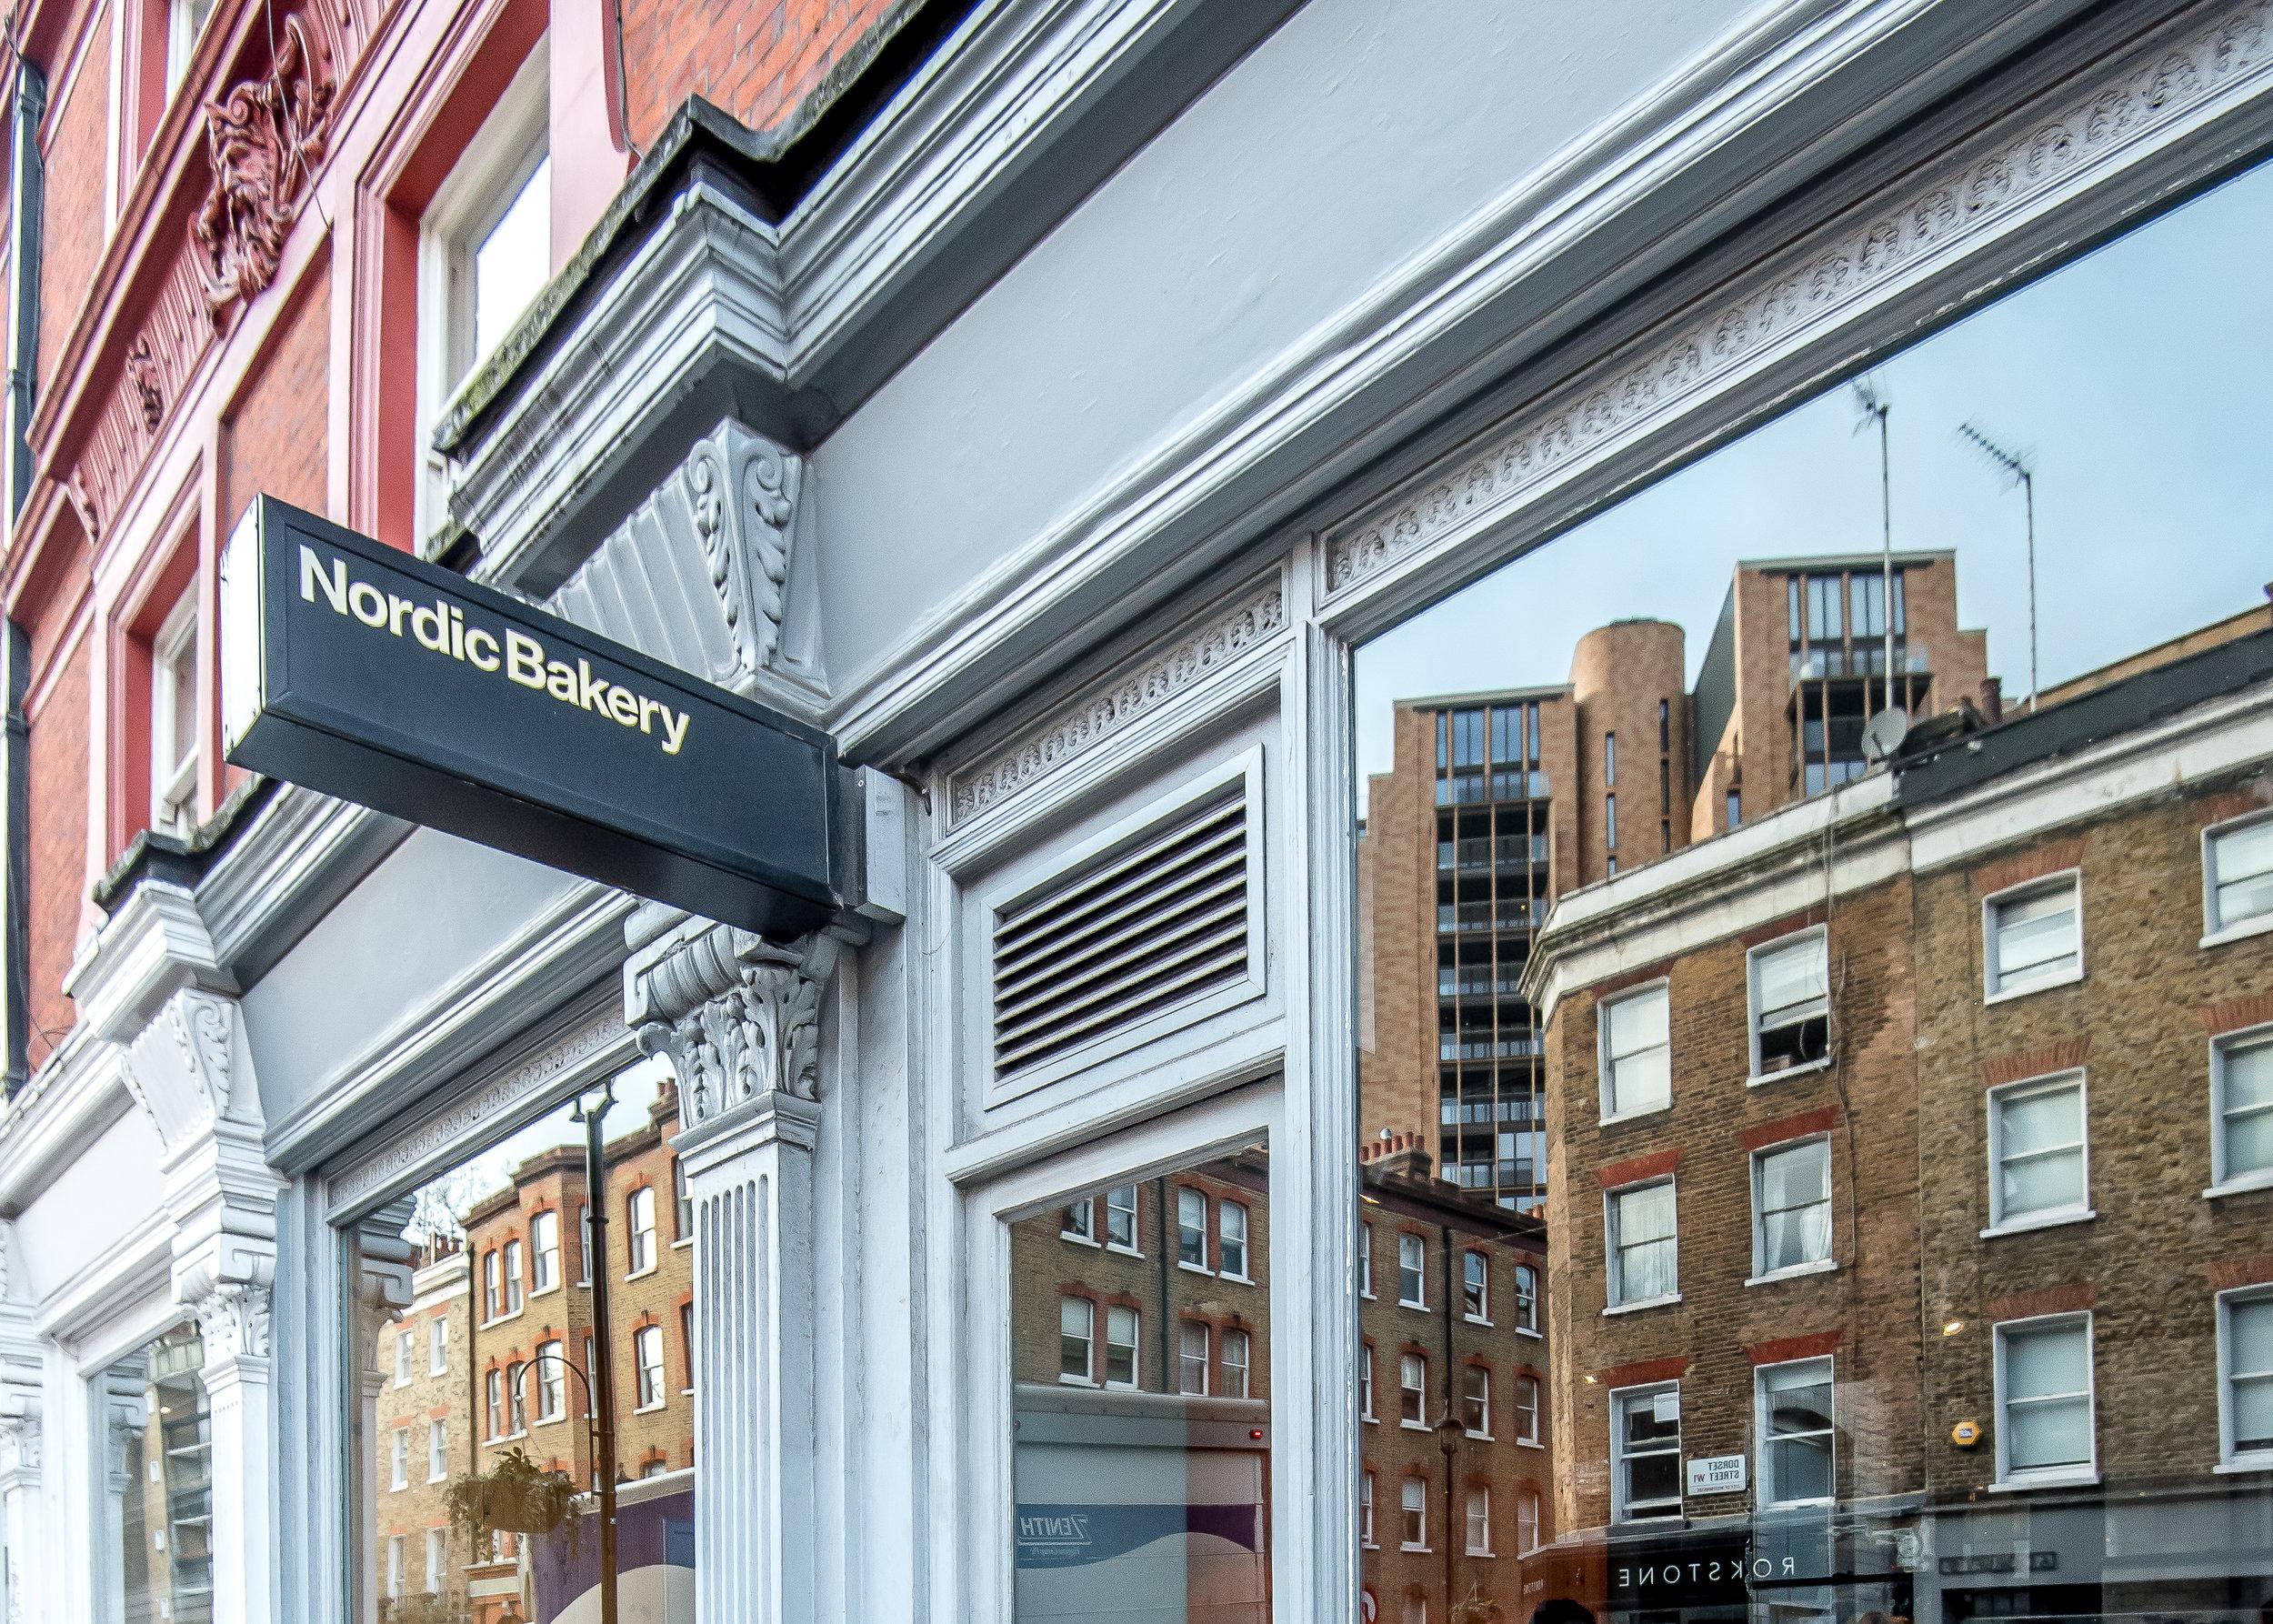 Dorset Street_Nordic Bakery (5).jpg